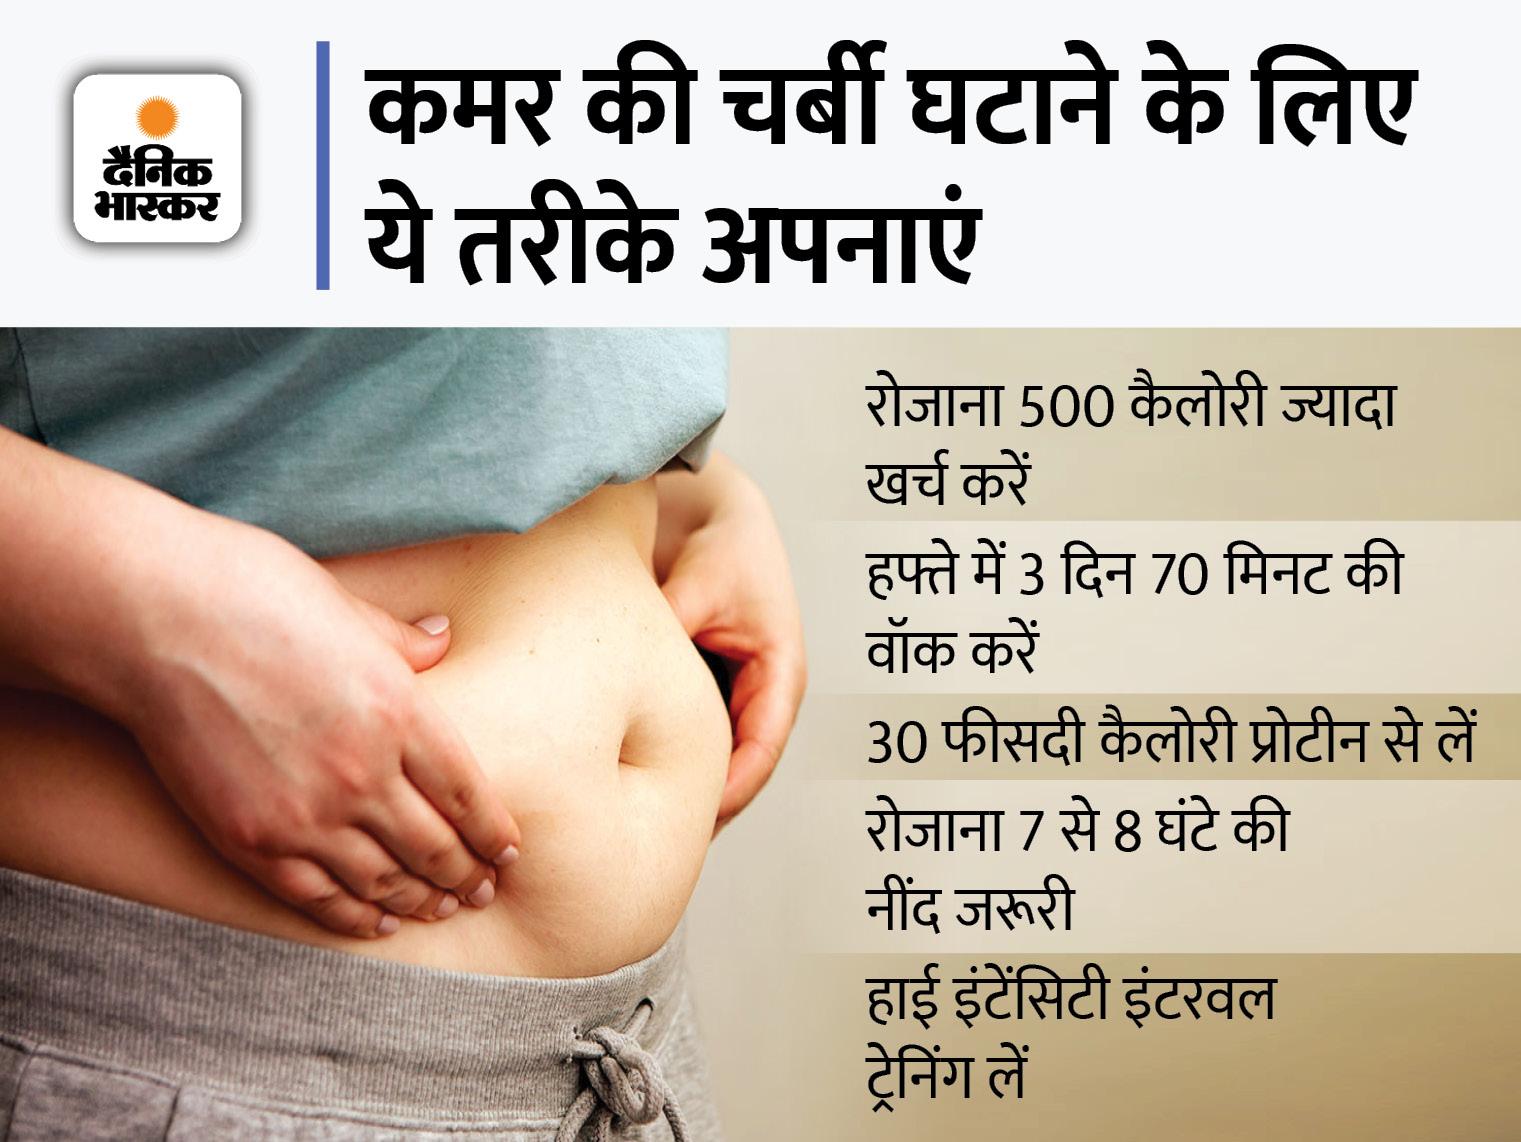 कमर की चर्बी से डायबिटीज, हृदय रोग और कैंसर का खतरा बढ़ता है, जानिए बेली फैट घटाने के 5 आसान और असरदार तरीके|लाइफ & साइंस,Happy Life - Dainik Bhaskar